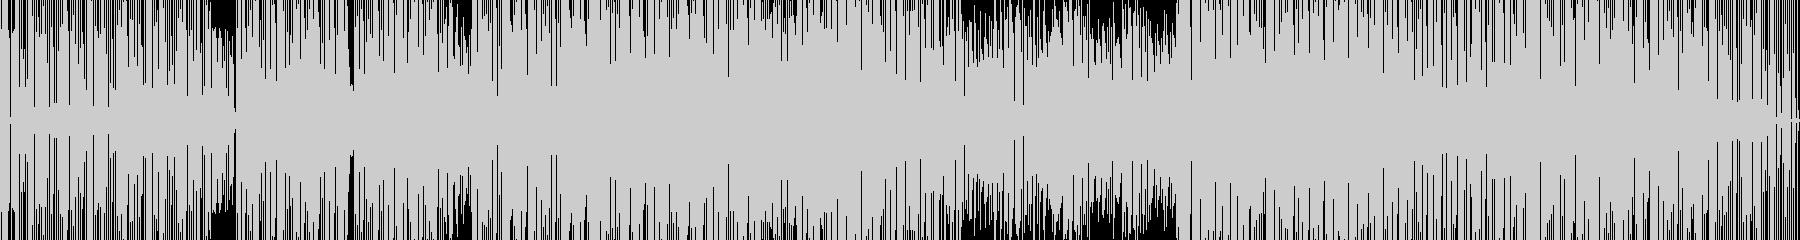 冷静になる。低音のグルーヴィー、邪...の未再生の波形